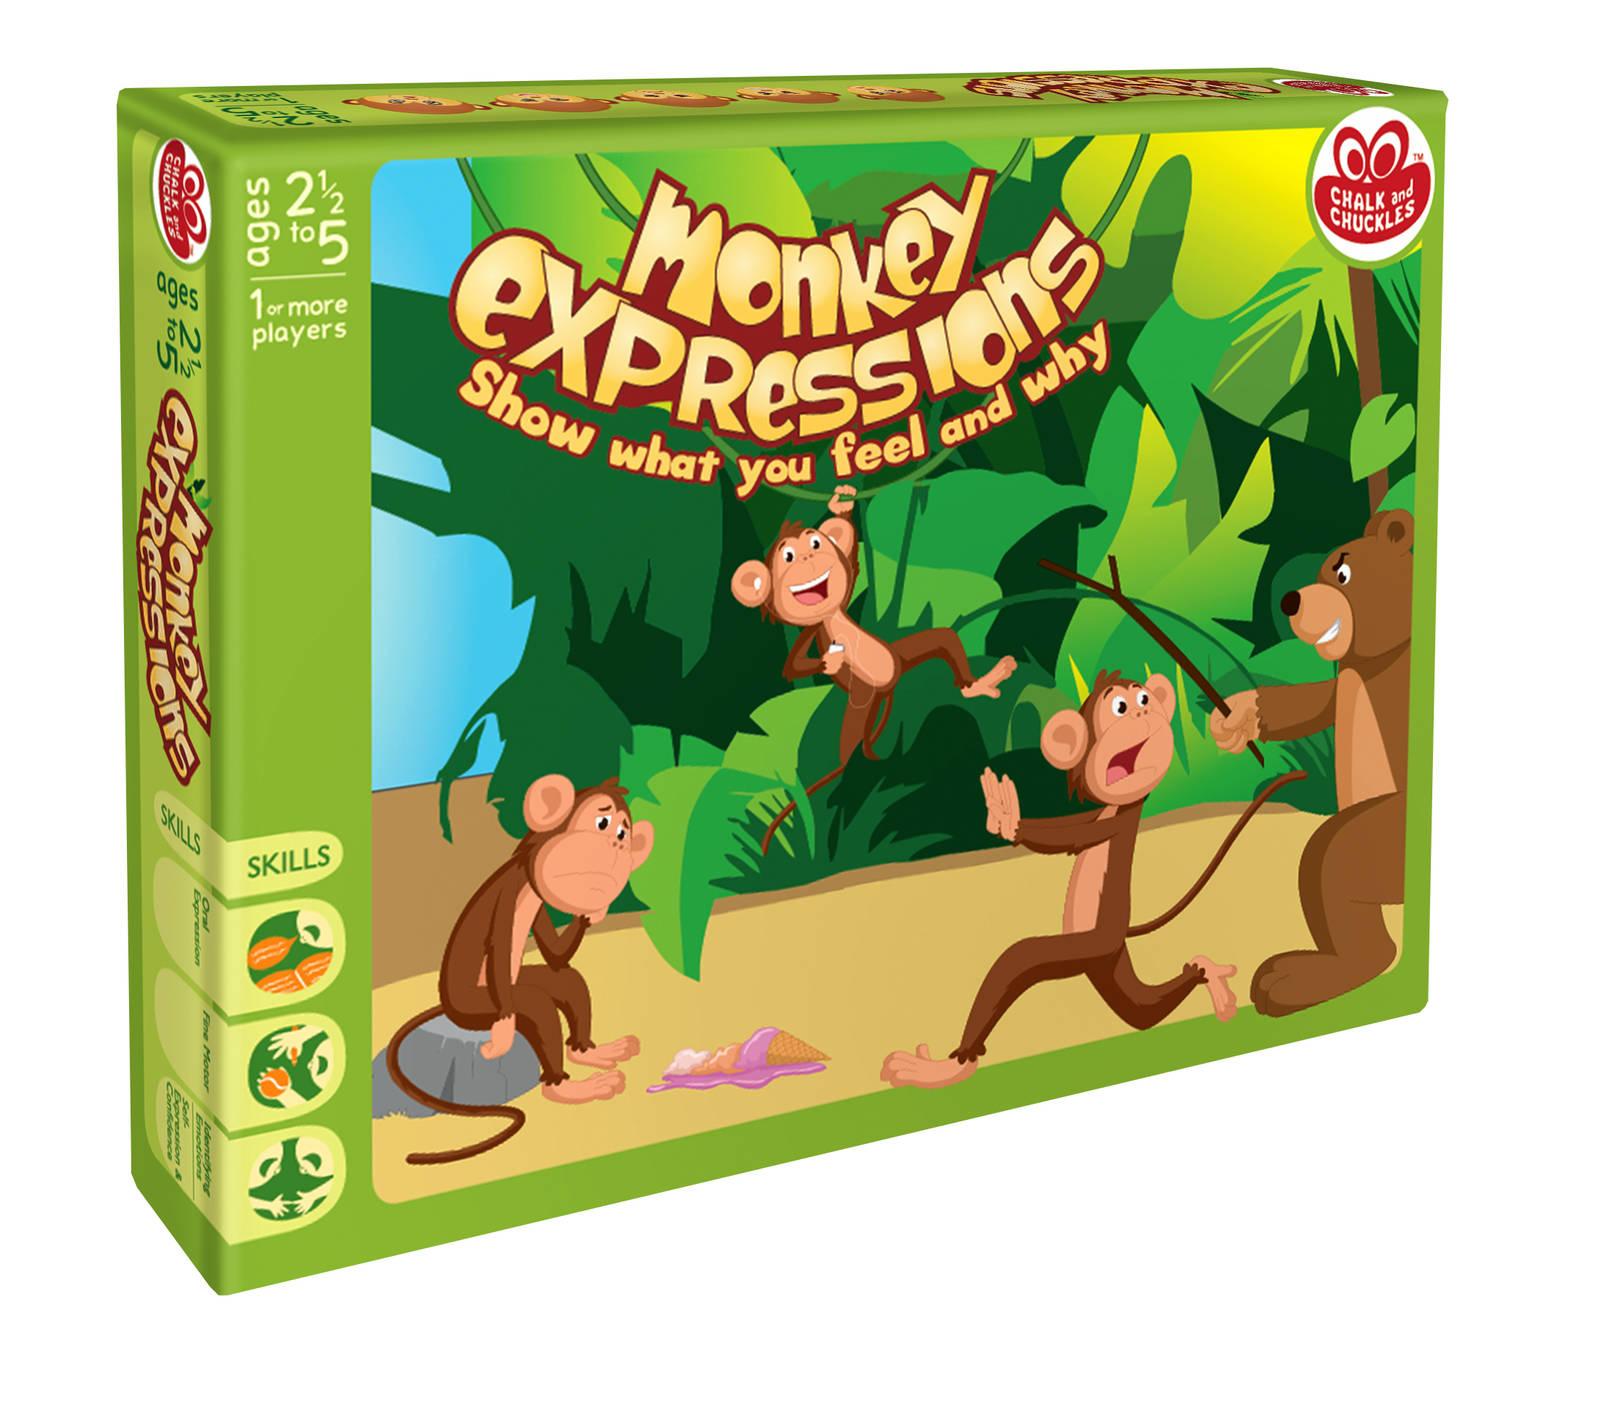 Joc De Potrivire - Ce Simte Maimutica?